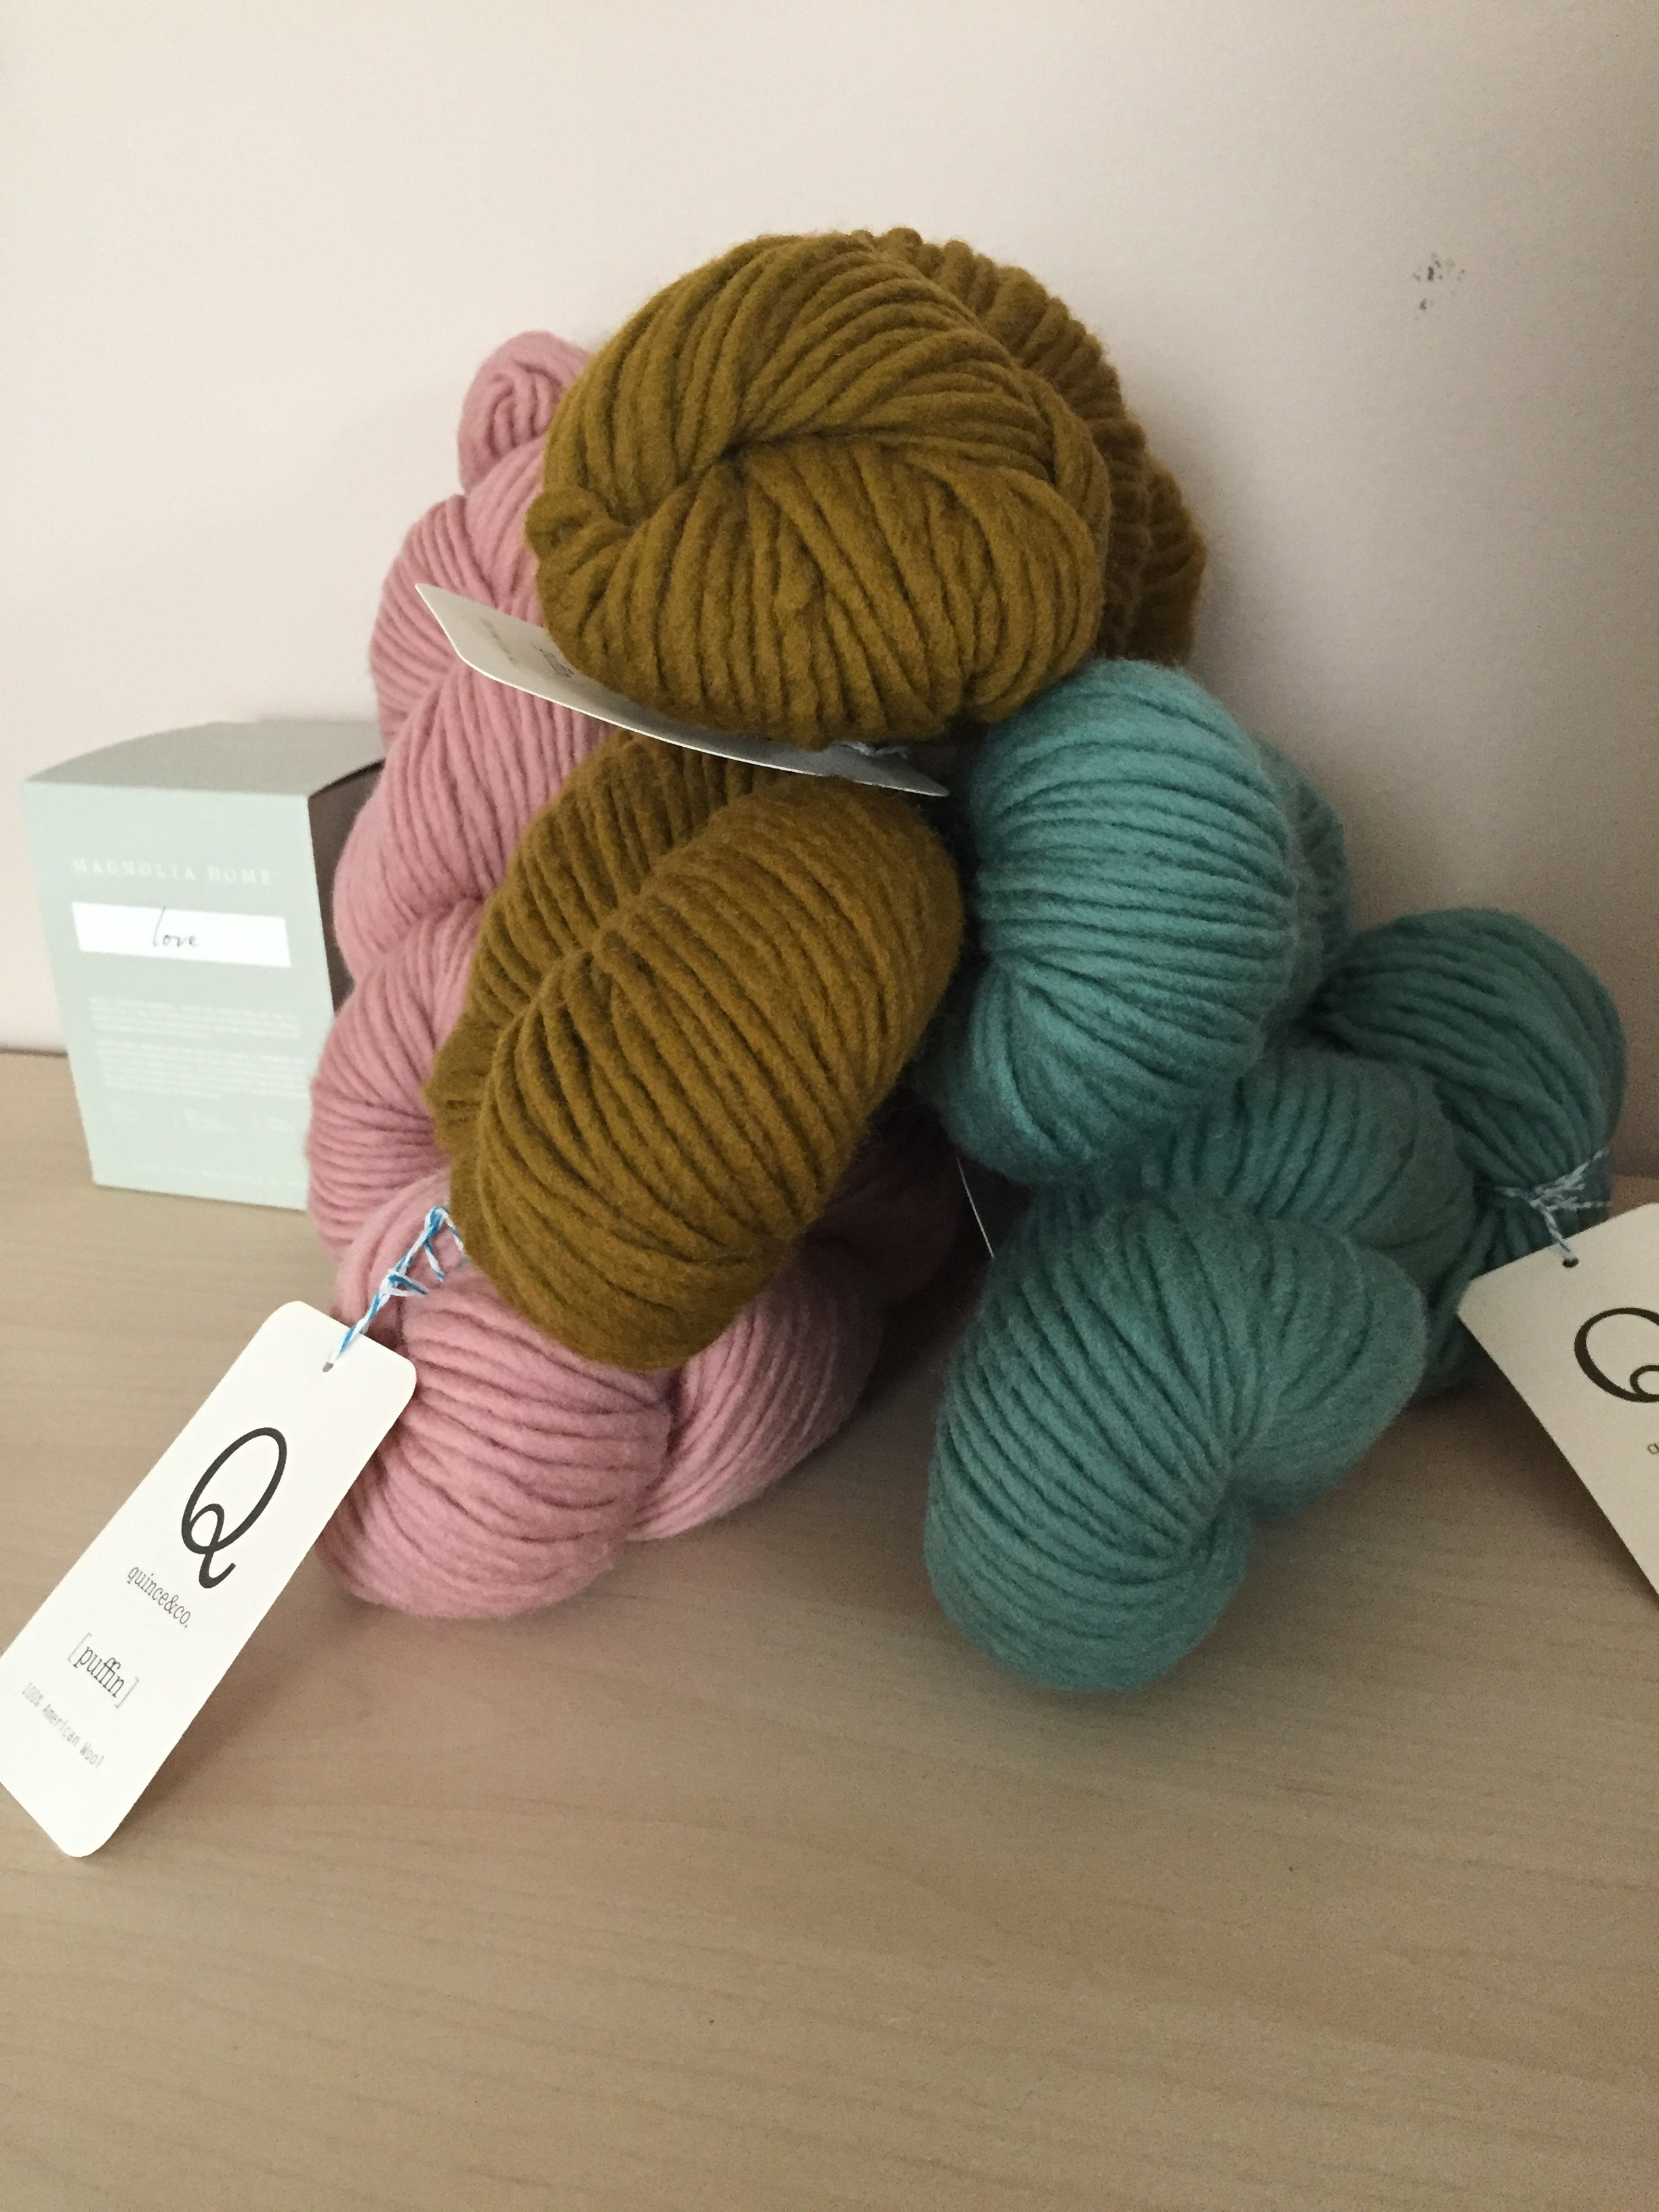 I love squishy yarn!!